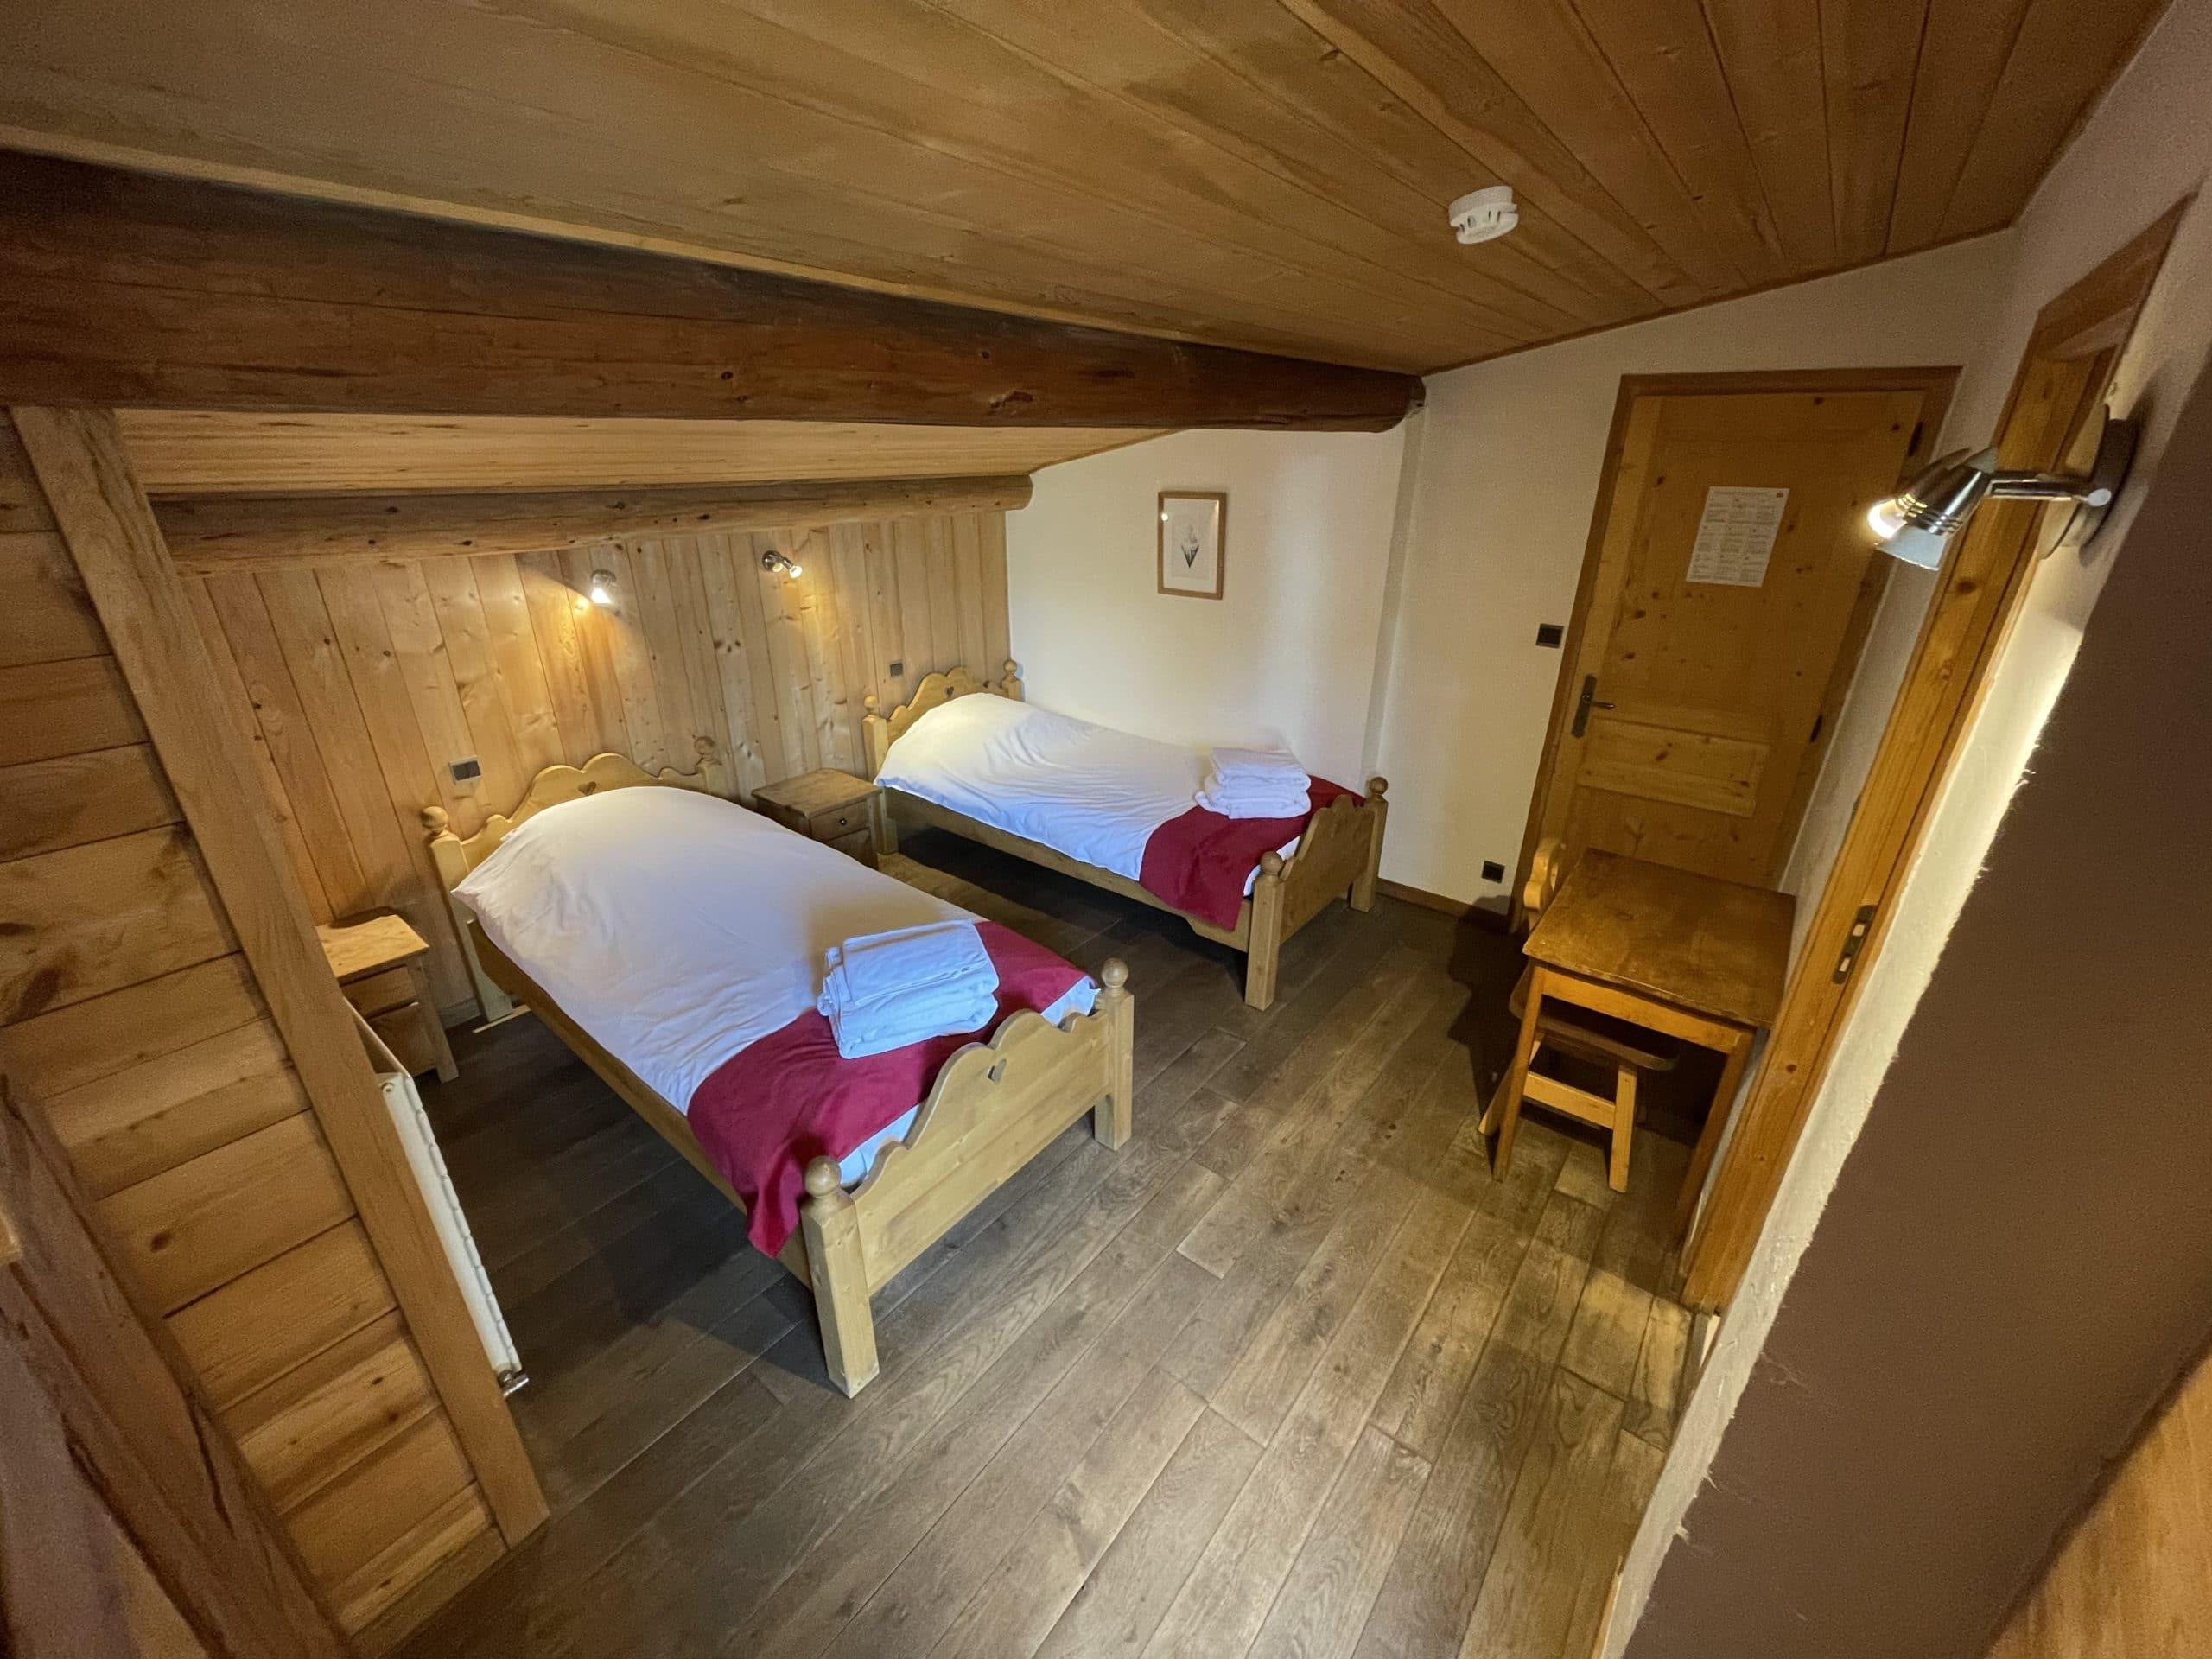 Chambre spacieuses et fonctionnelles dans ce chalet de location en Haute-Savoie